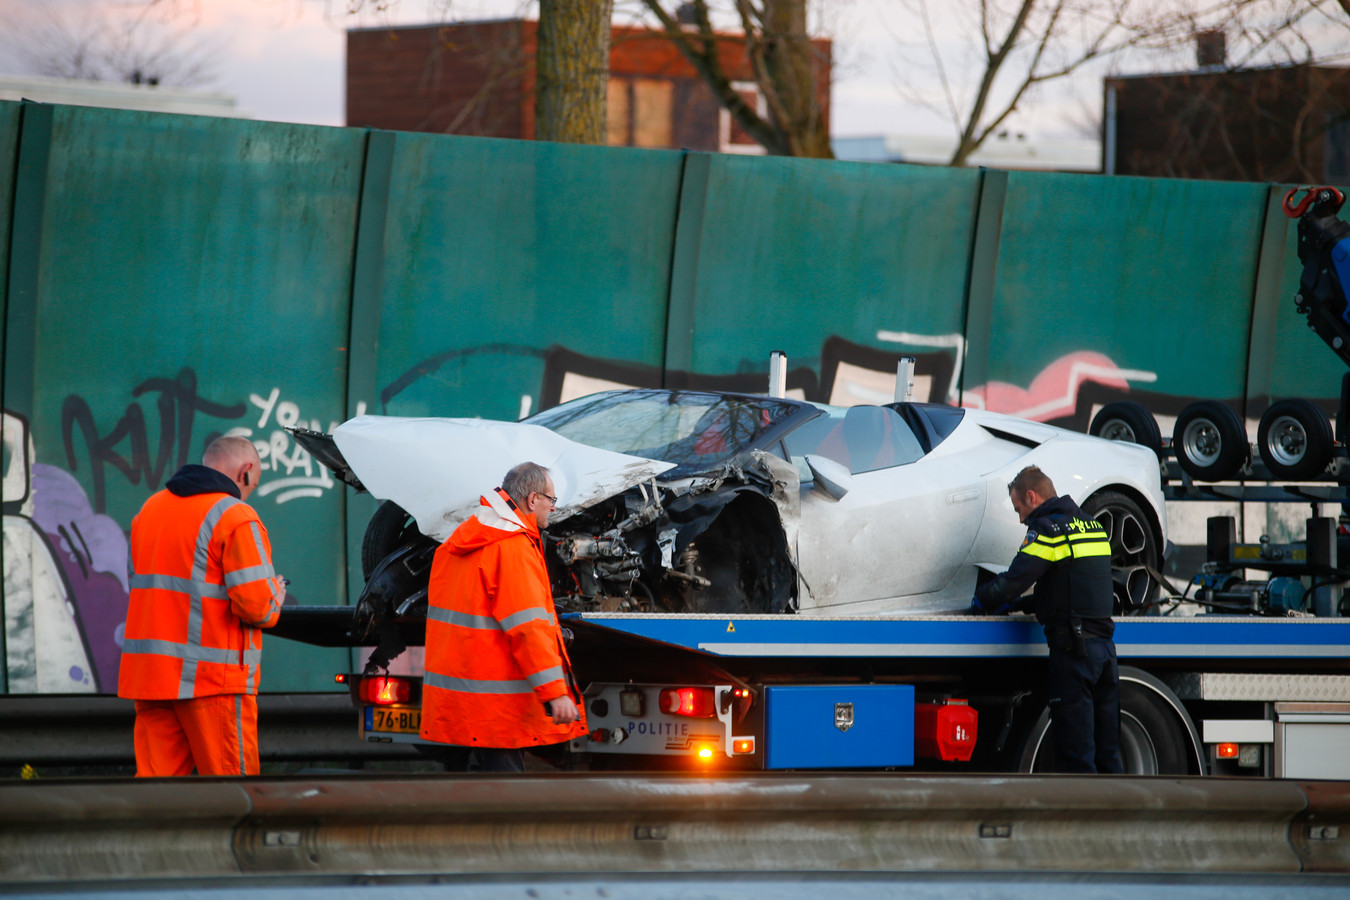 De supersnelle Lamborghini raakte flink beschadigd bij de botsing tegen de vangrail.